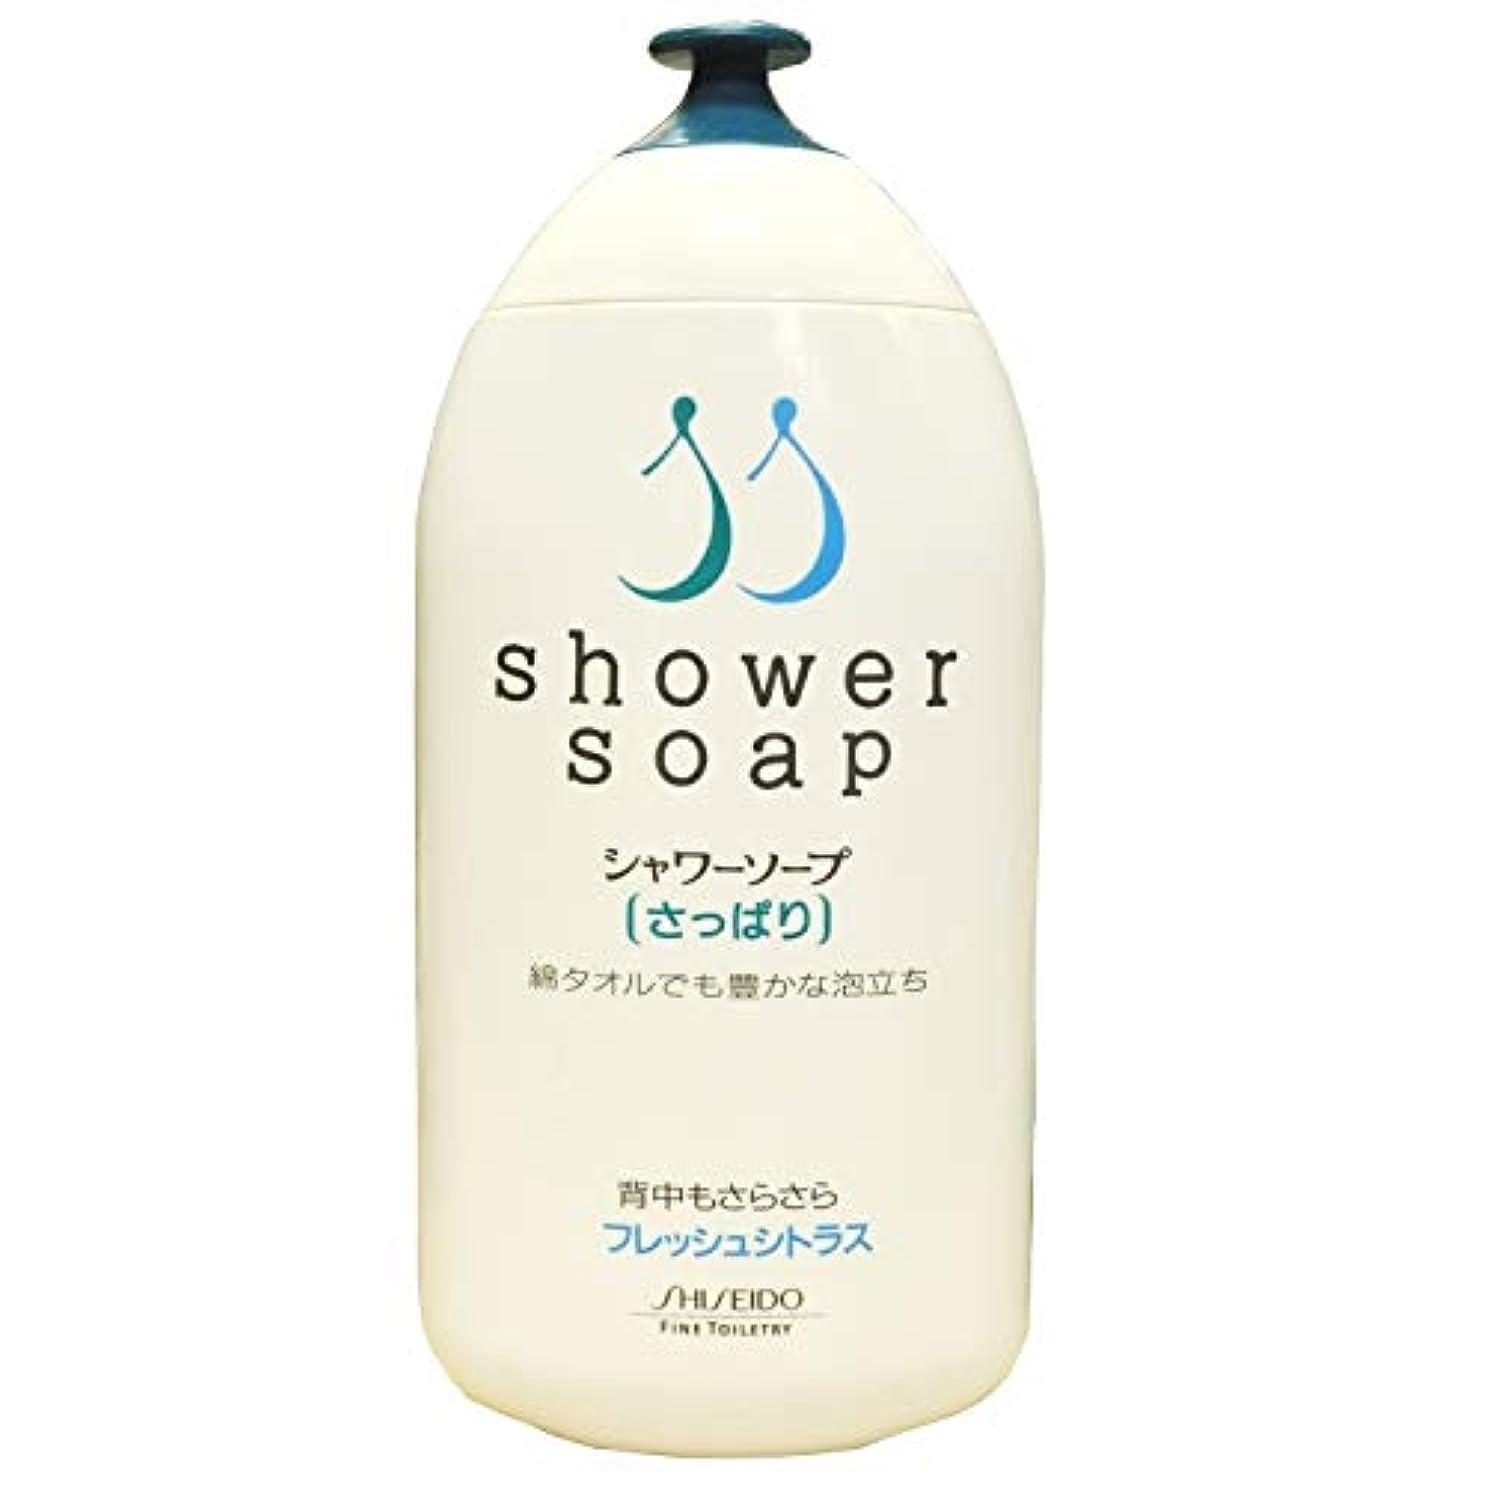 適合休日にプレート資生堂 シャワーソープ さっぱり フレッシュシトラス 全身洗浄料 300ml 1本